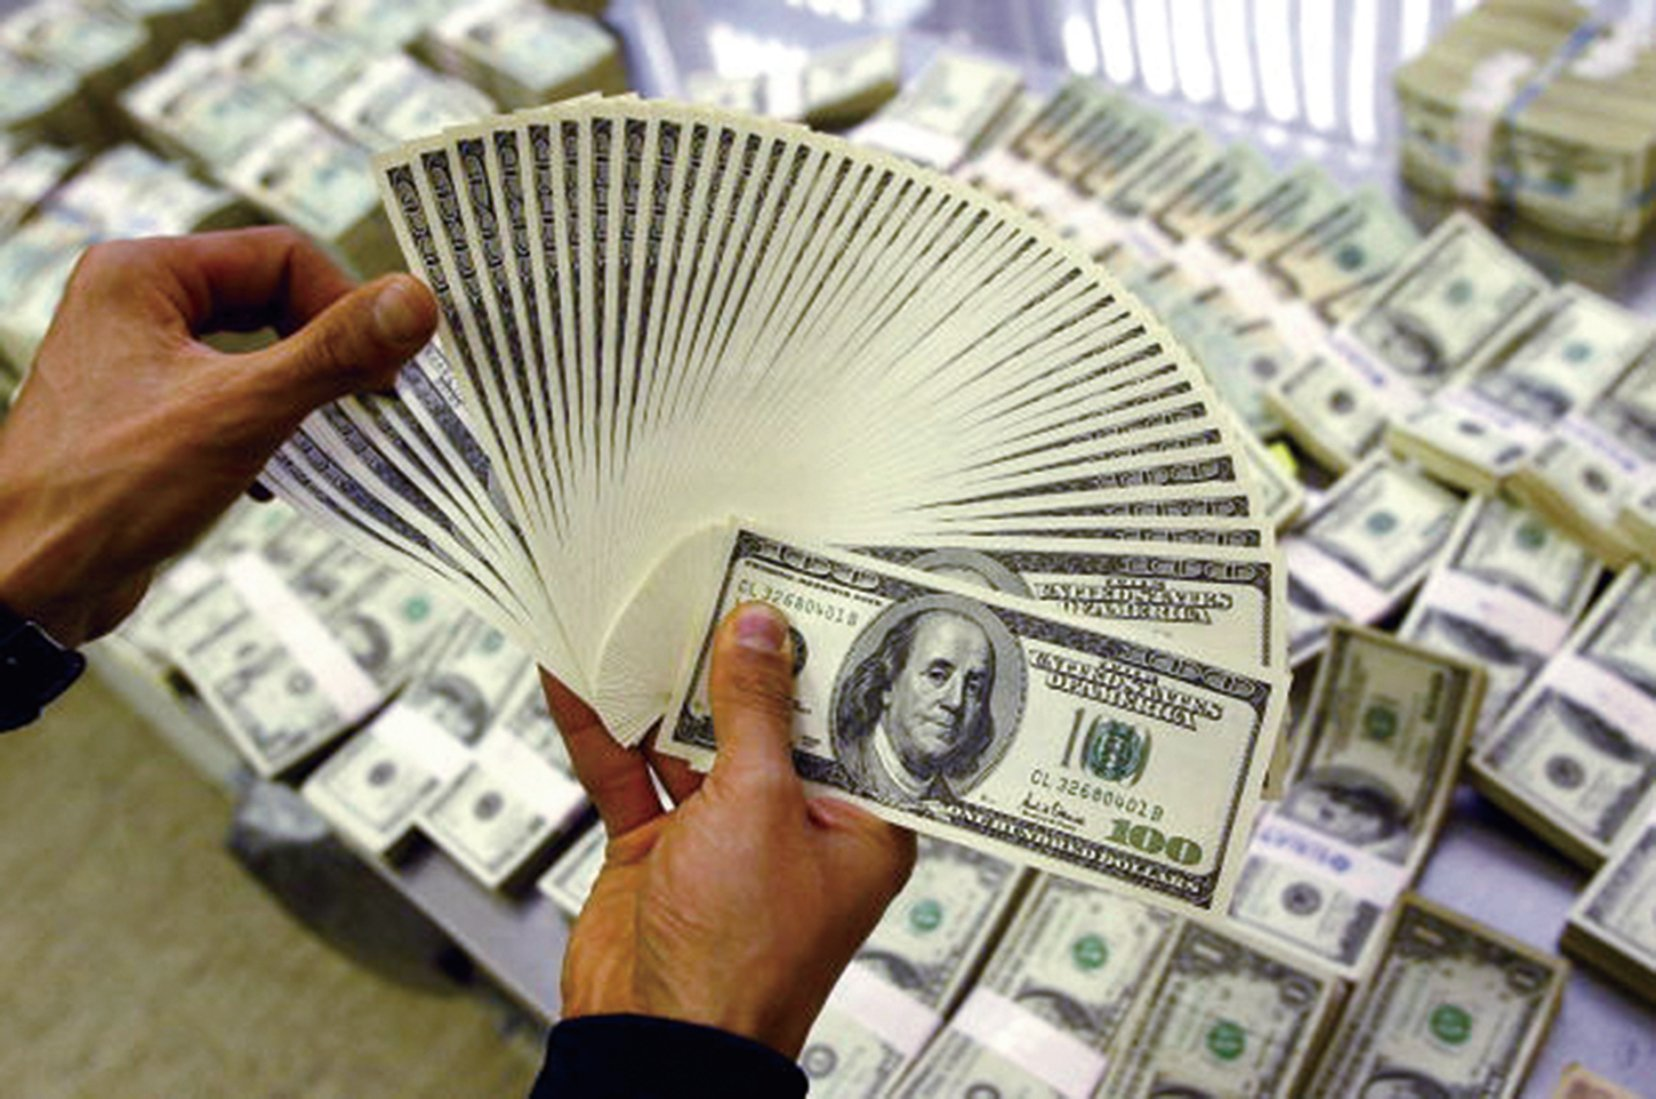 美國經濟數據近期亮眼,但美元走勢卻無法創下新高,或與美國總統特朗普先前認為美元太強有關。(Getty Images)